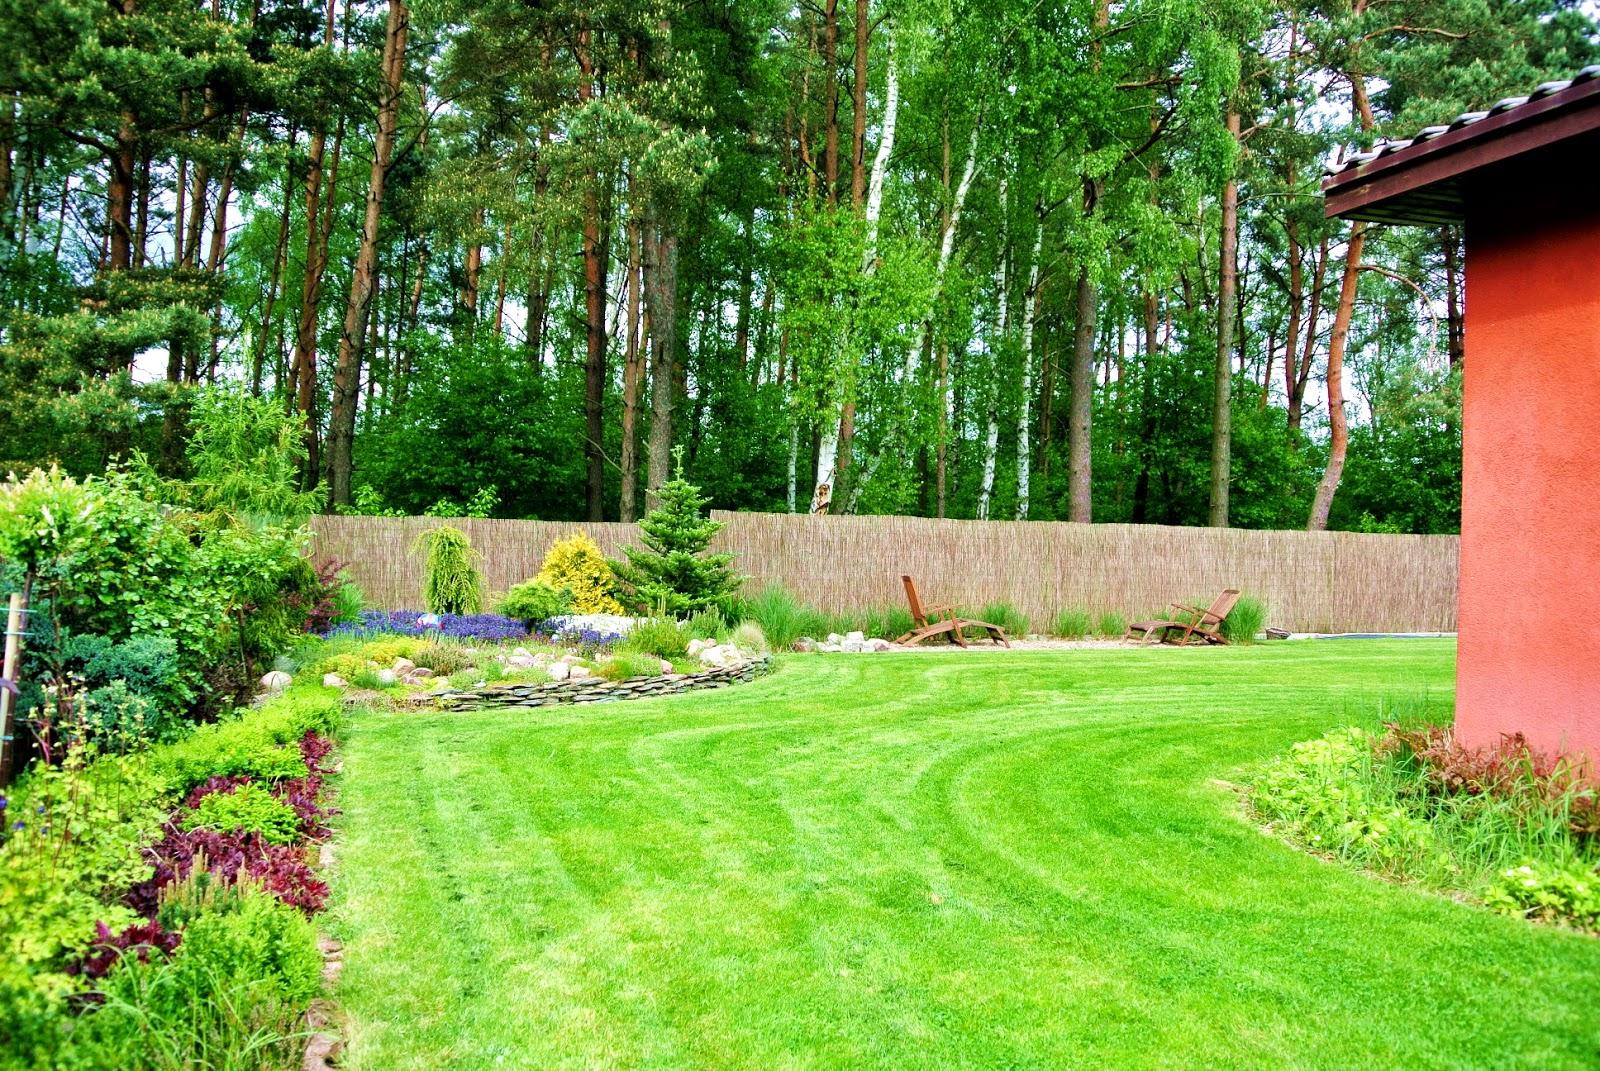 piękny trawnik,trawnik na wiosnę,pielęgnacja trawnika,rozchodnik,szkółka roślin,dom przy lesie,pomarańczowa elewacja,grill przy domu,murowany grill,choinka